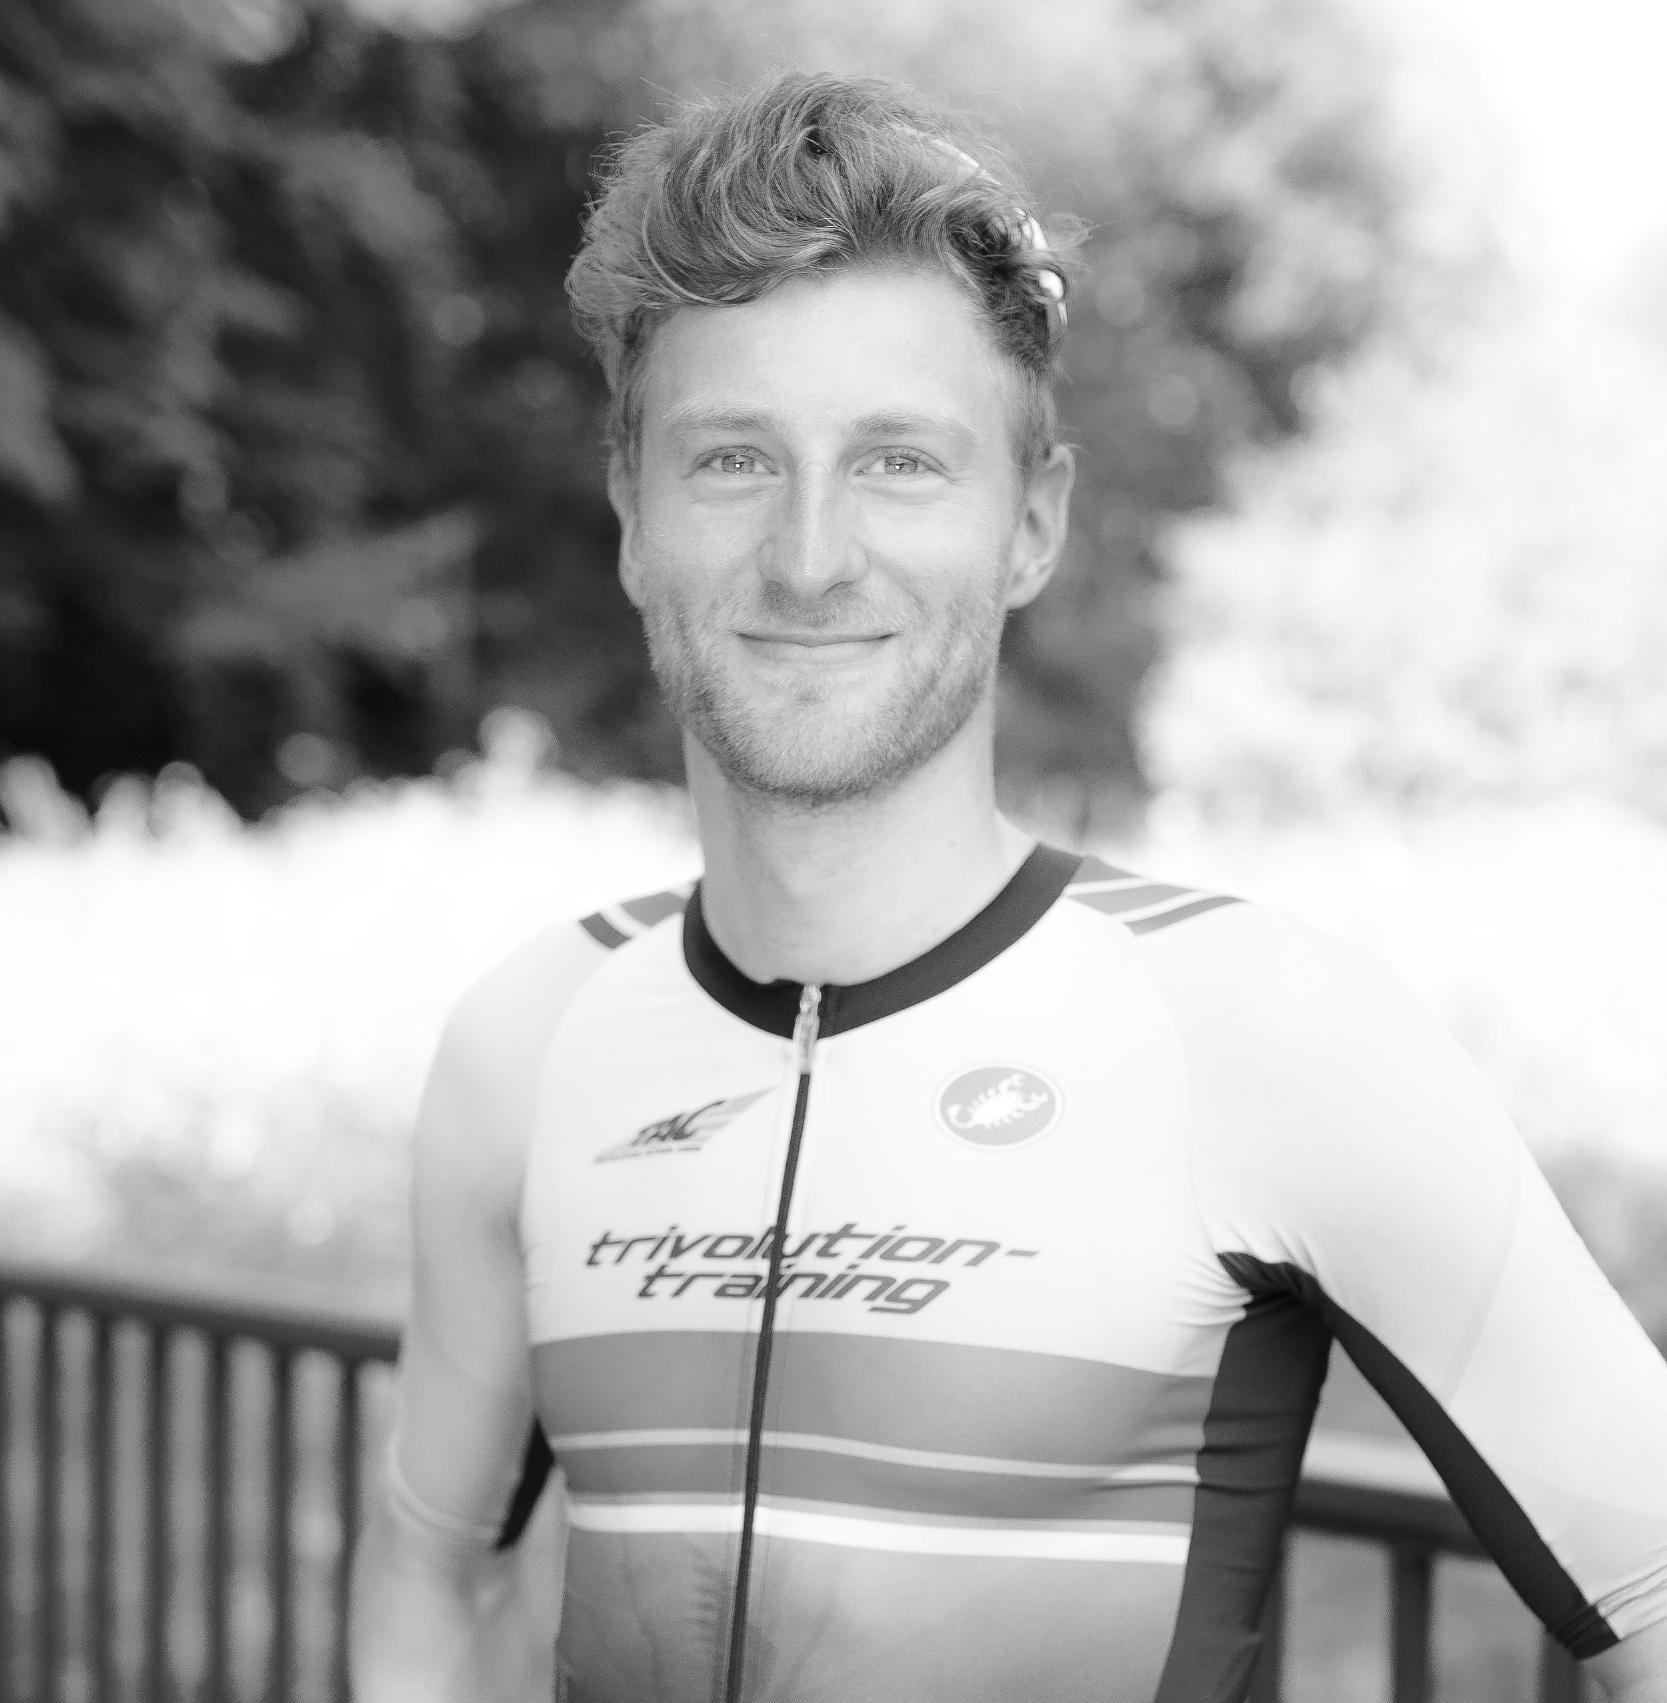 Gregor Buchholz || Main Host - Gregor ist der initiator des bewegungsARTen Podcast und der kurzdistanzspezialist im Team. nach seinem u23 weltmeistertitel 2007 erfolgte die aufnahme in den deutschen nationalkader, dem er fast 10 jahre bis 2016 angehörte.während seiner zeit auf der olympischen distanz gelangen ihm einige erfolge, wobei der 3. platz im WTS Stockholm 2014 heraussticht. Gregor ist damit der 4. deutsche überhaupt, dem es gelang ein podium in der world triathlon series zu erreichen.nach dem ende seiner professionellen triathlon karriere absolvierte er 2018 sein debüt auf der Langdistanz beim ironman tallinn in 8:13 Stunden.